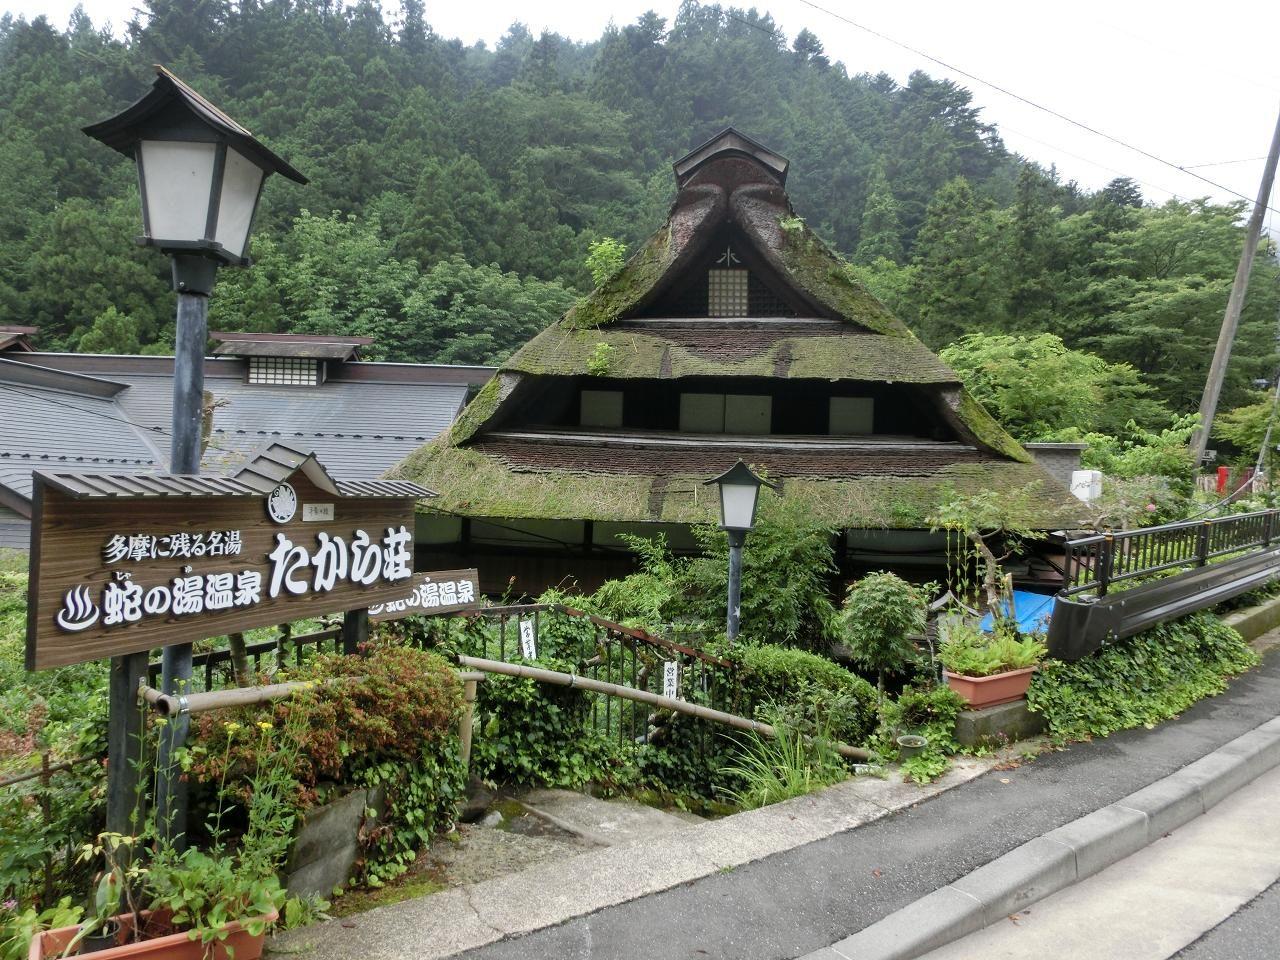 江戸時代から守られてきた兜造りの母屋